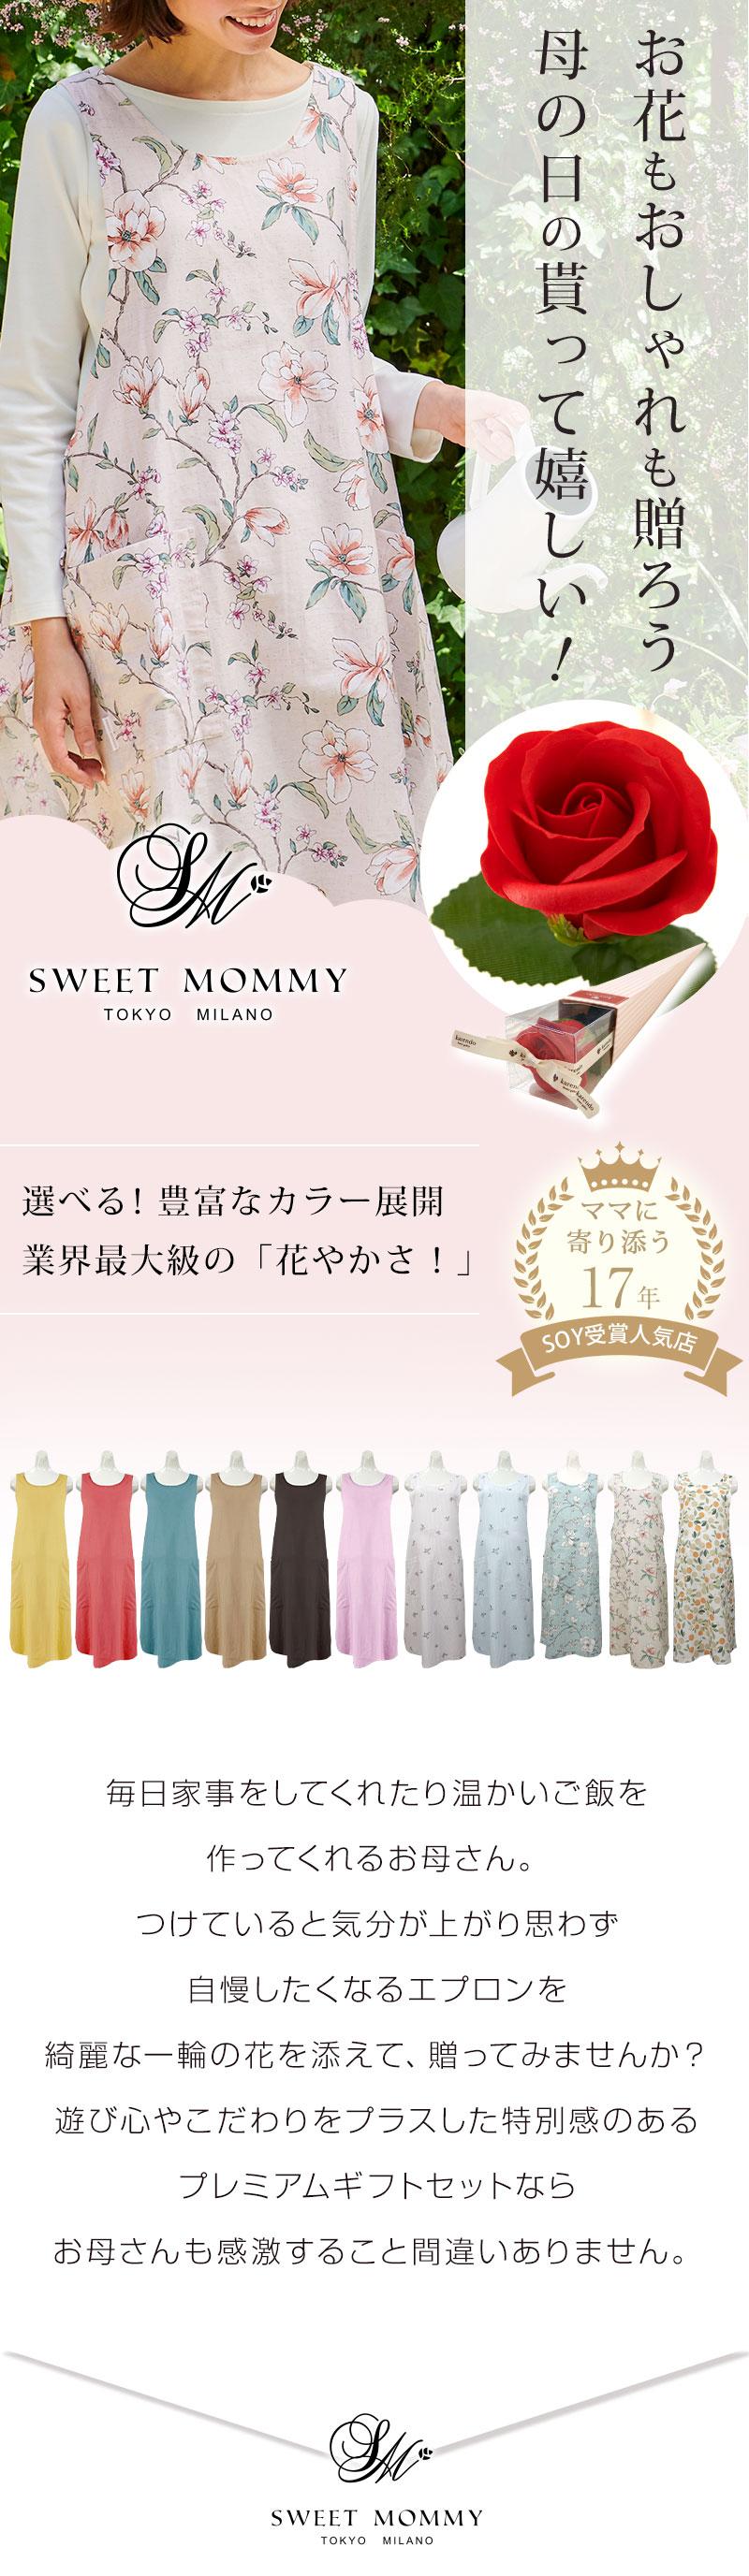 母の日にぴったり!ワンピース型エプロン&お花の入浴剤 1輪 ギフトセット